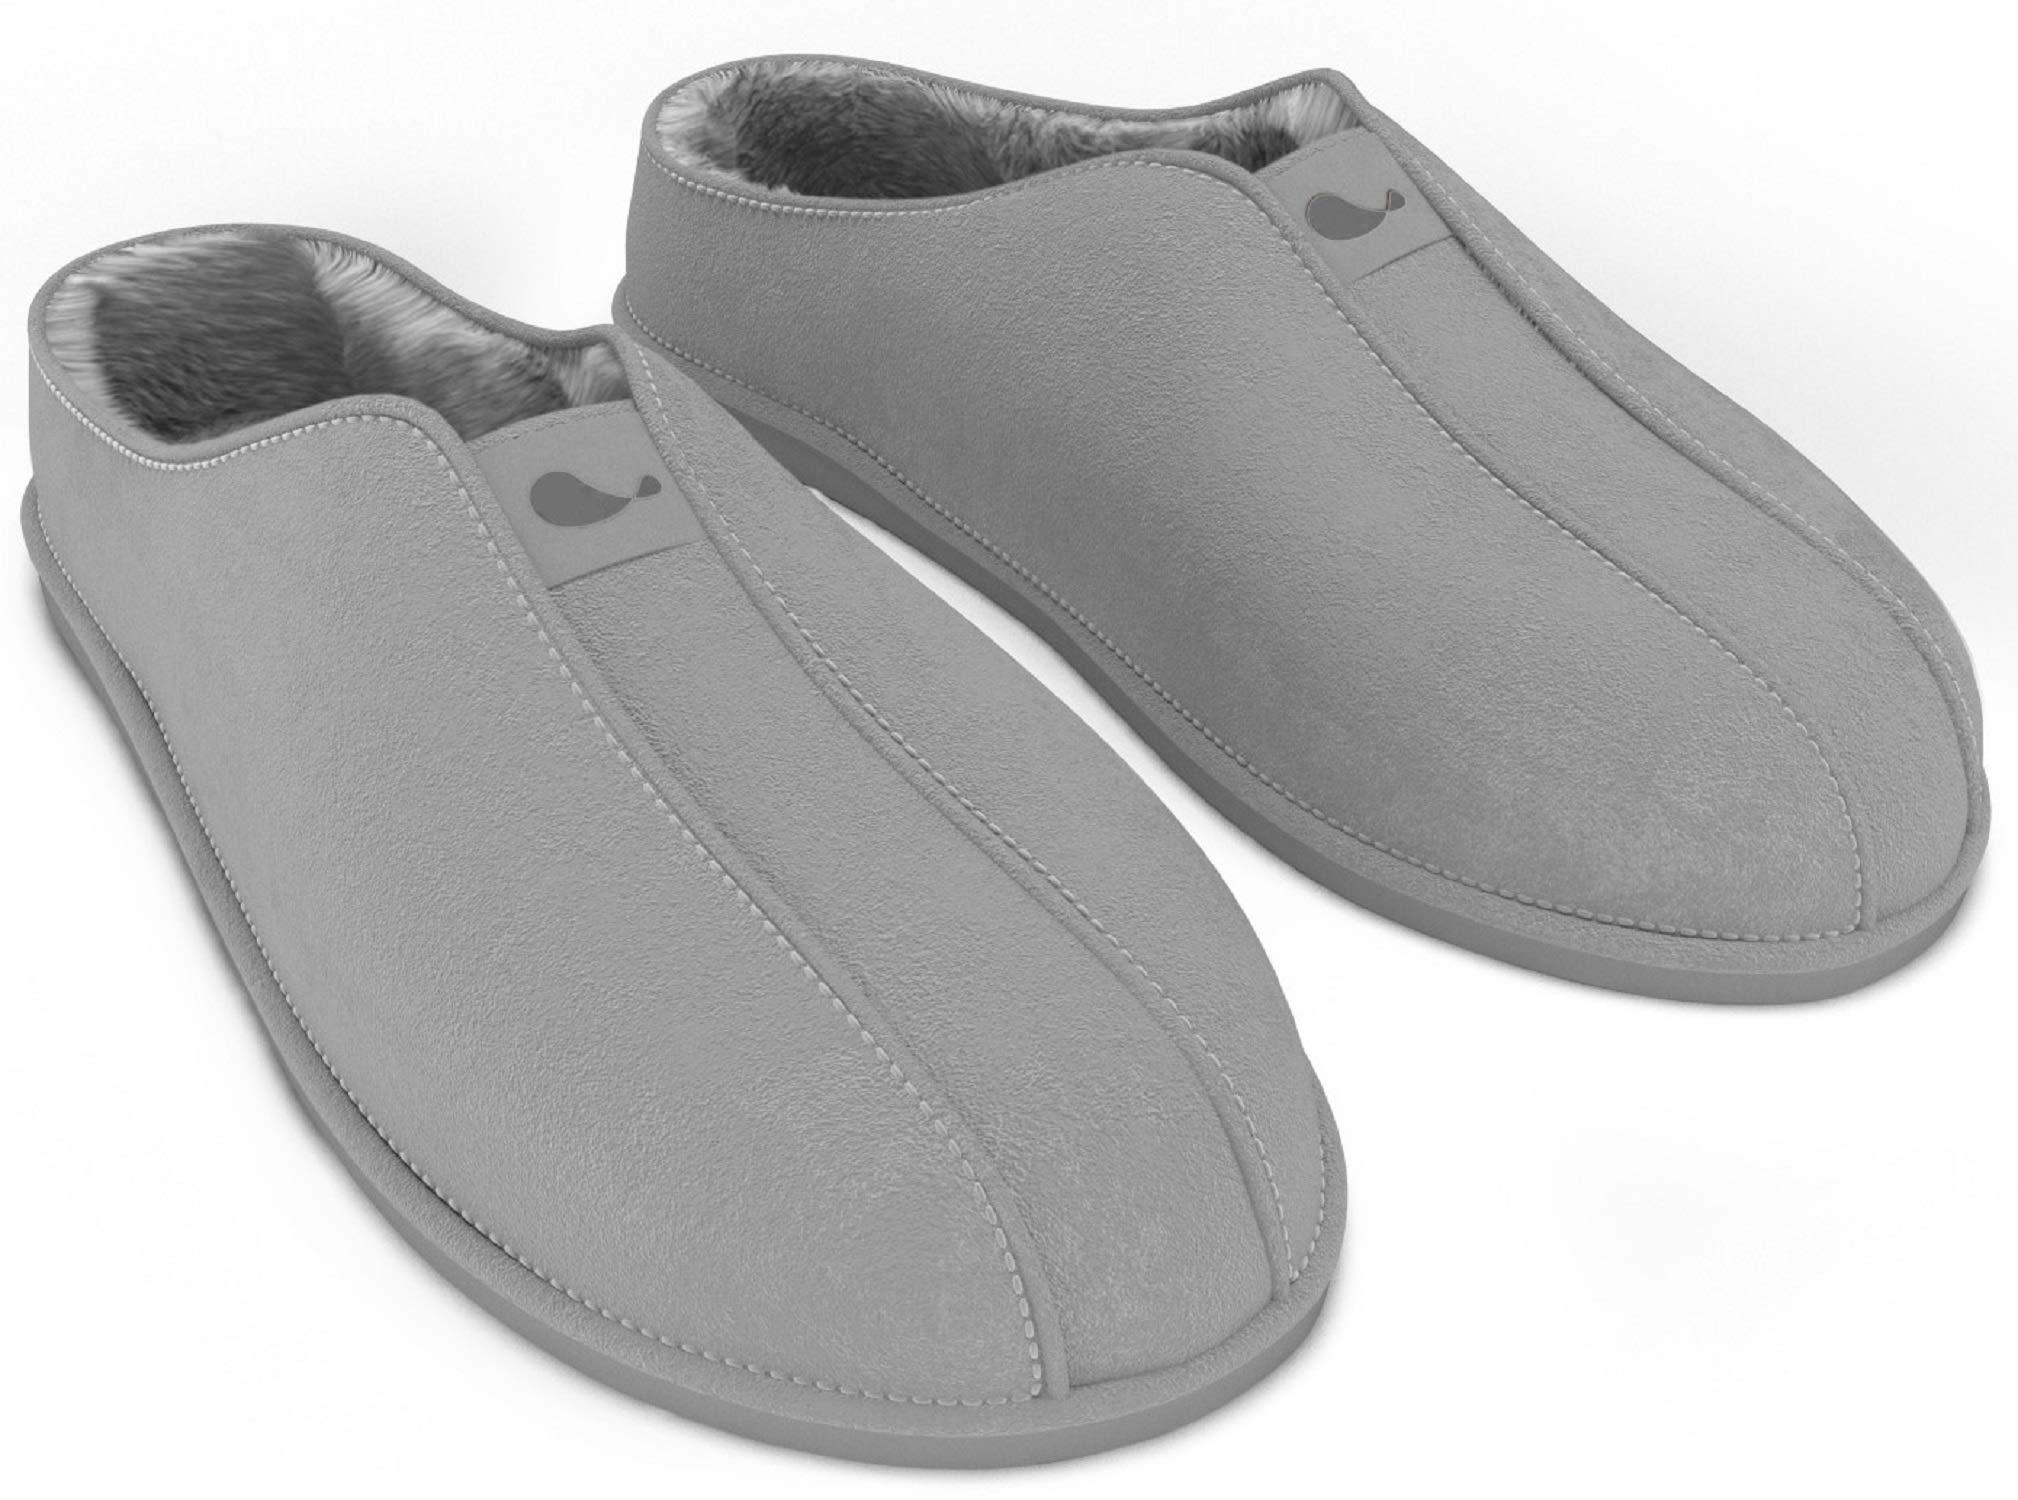 Heel That Pain Heel Seats Slippers for Plantar Fasciitis, Heel Pain and Heel Spurs, Unisex (Men's 9, Women's 10)